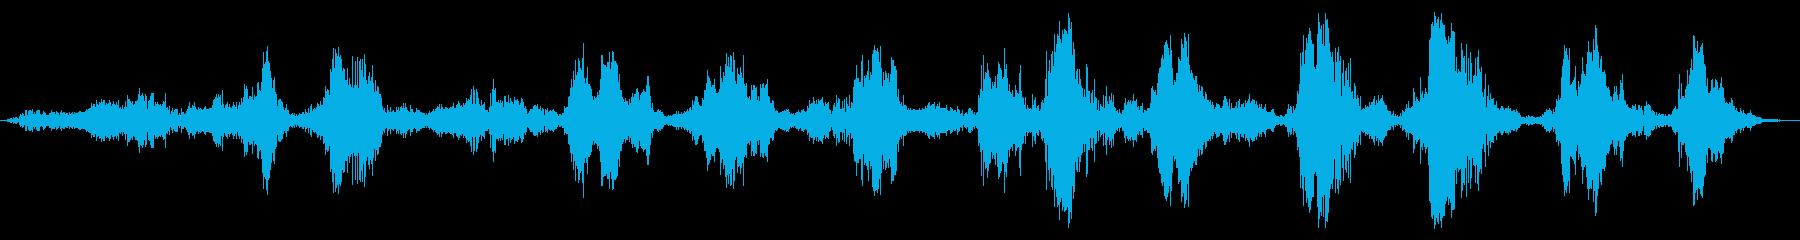 メタルボウ5.1 Atmos 2-5.1の再生済みの波形